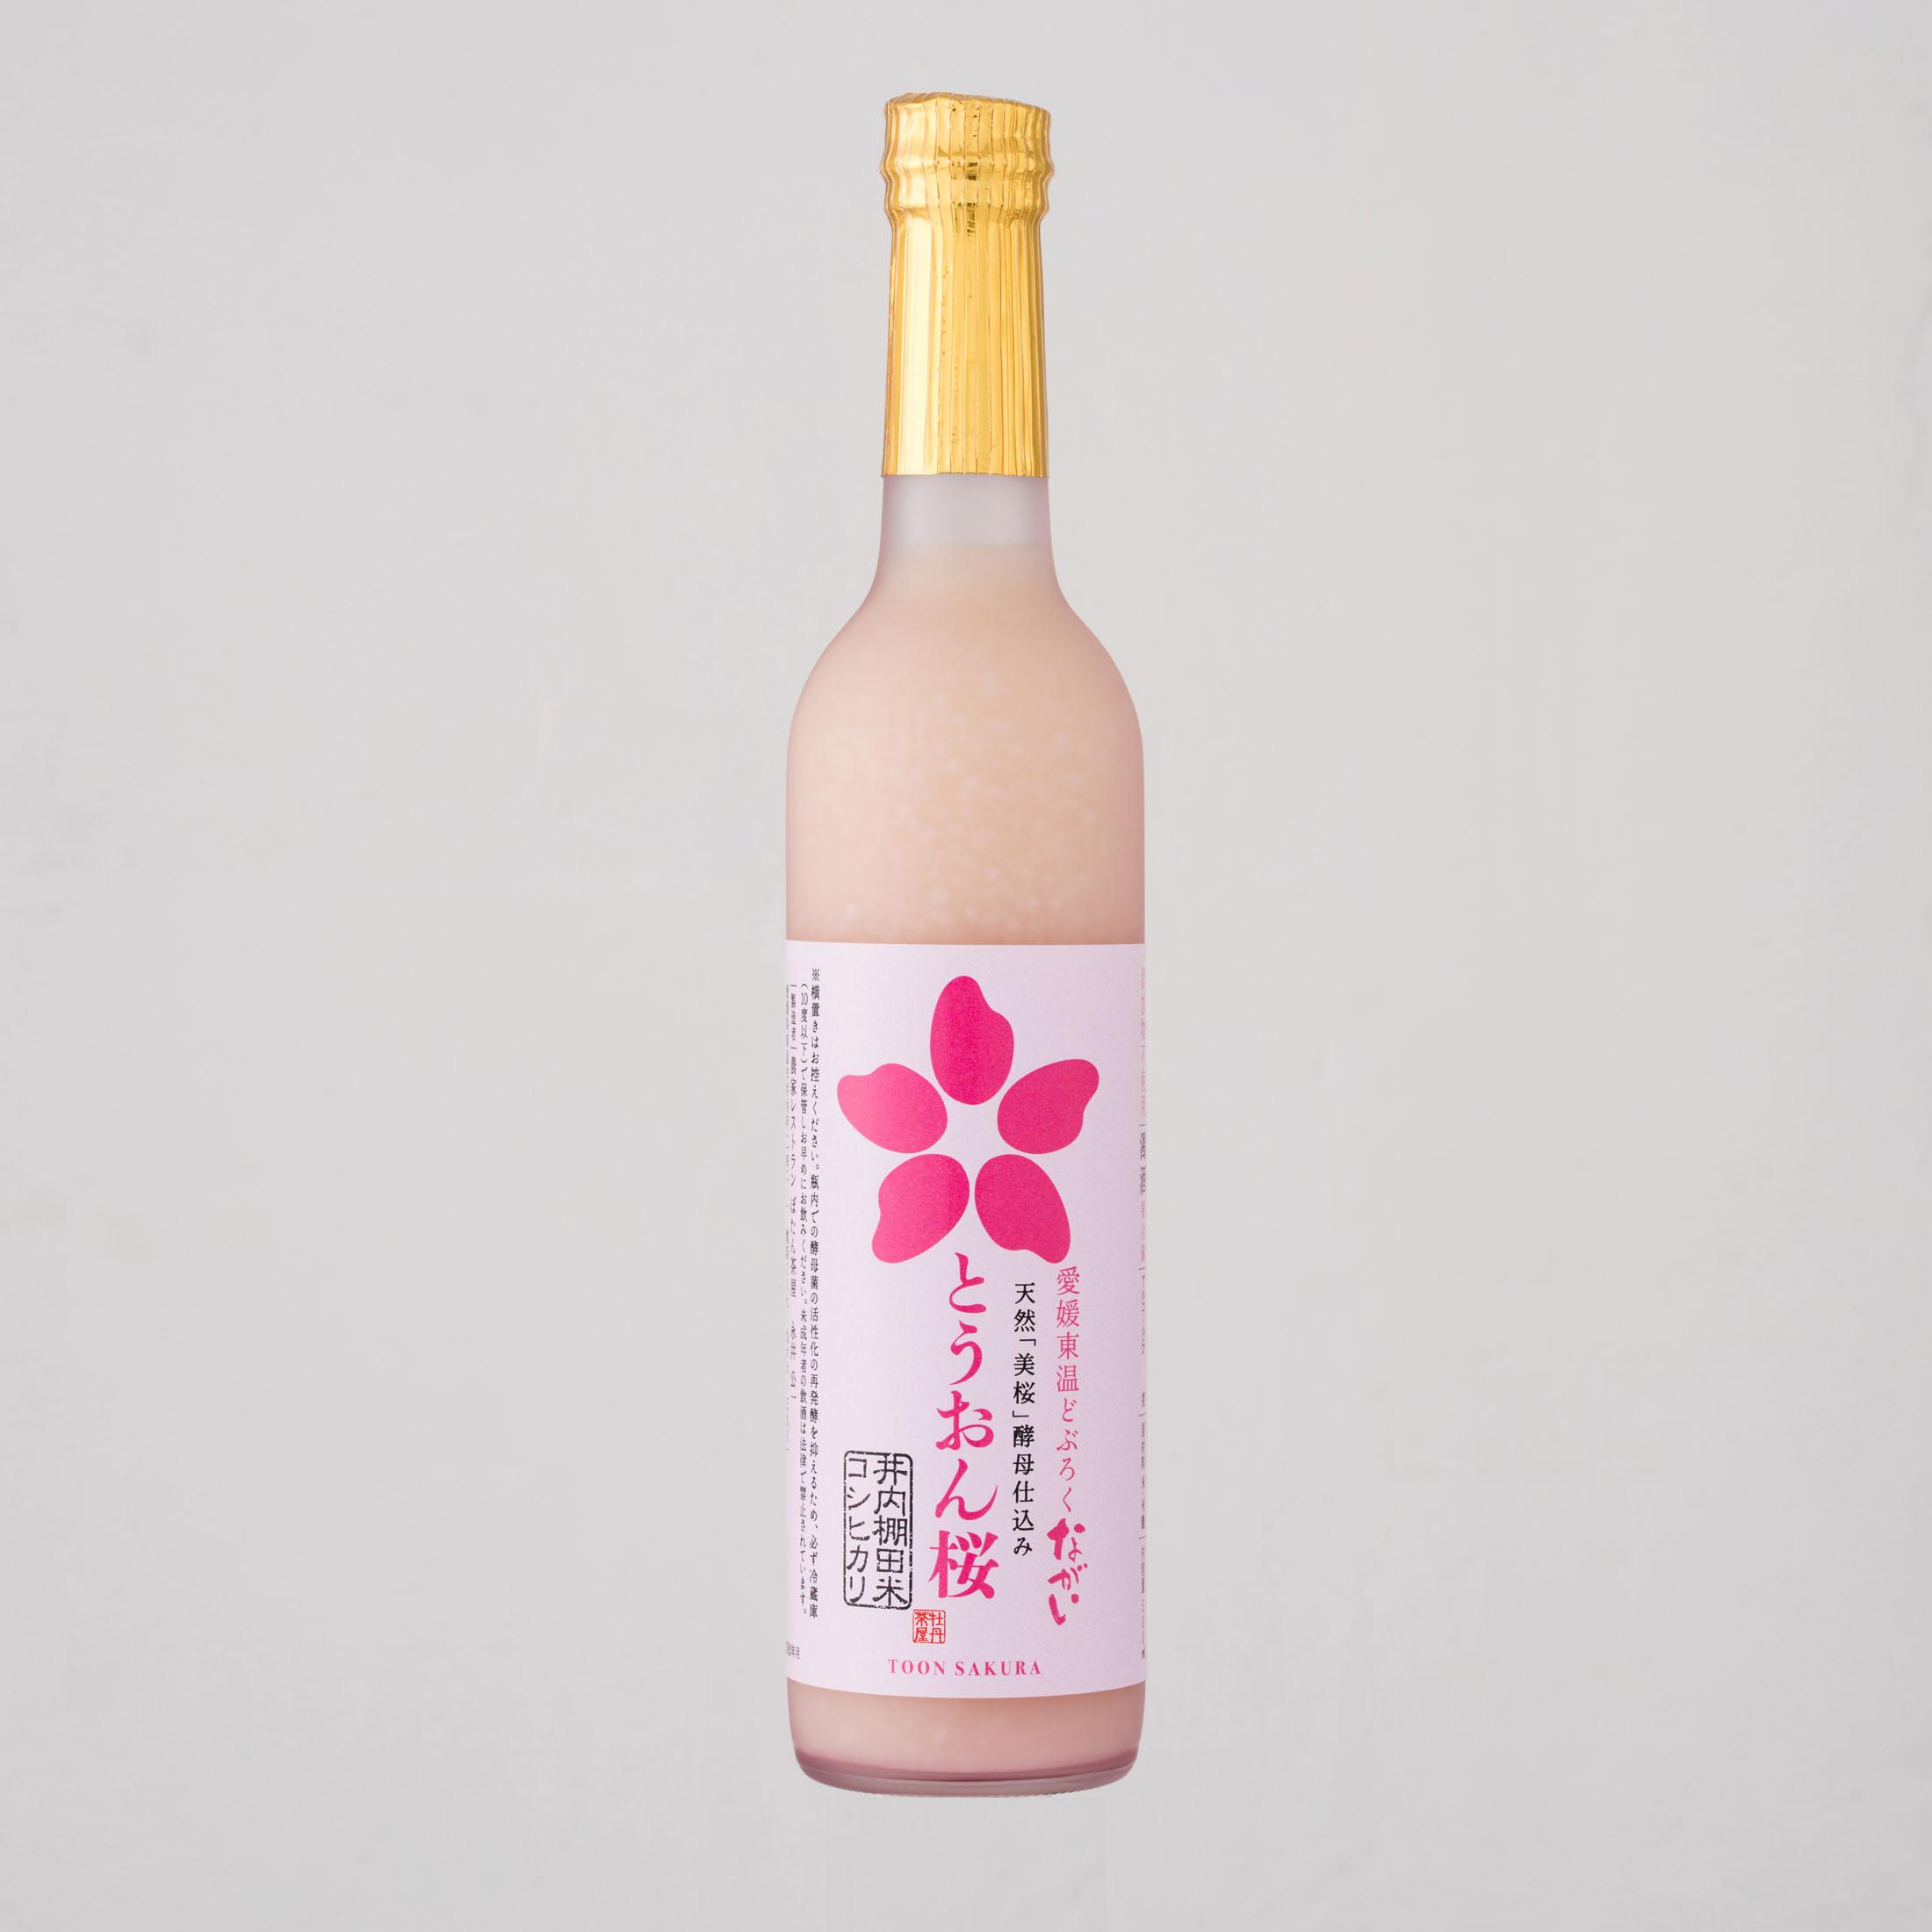 ぼたん茶屋「とうおん桜」